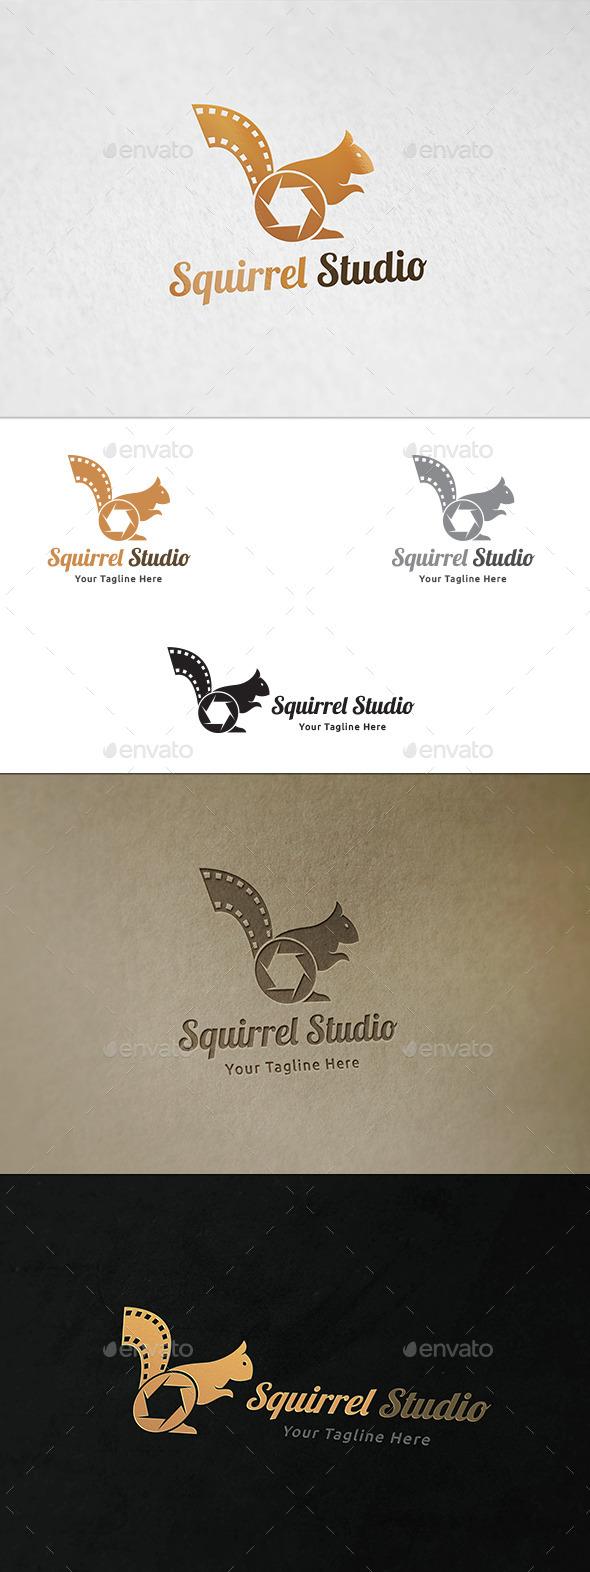 Squirrel Studio - Logo Template